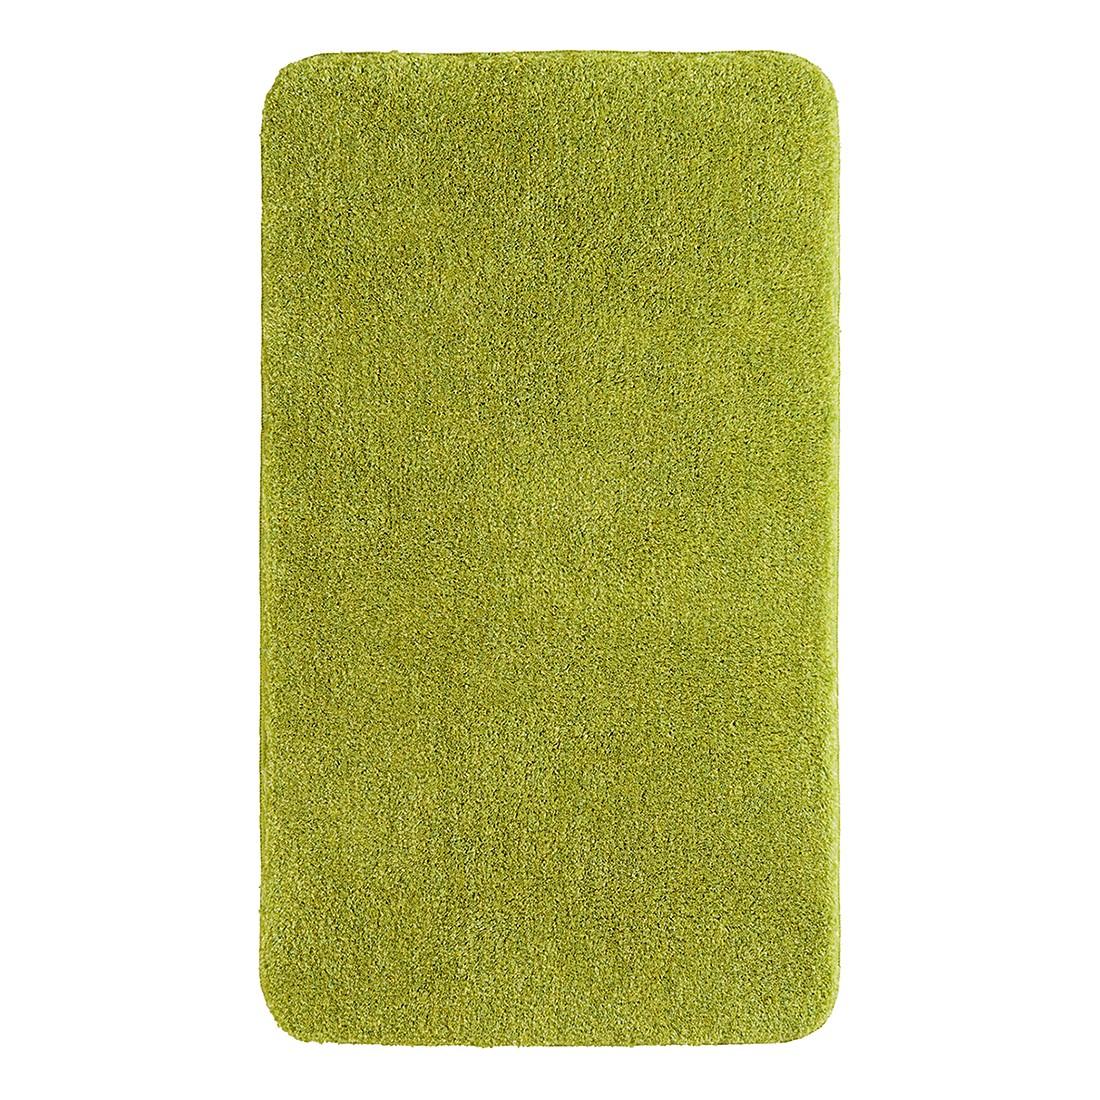 Badteppich Melos – Grün – Größe: 80 x 140 cm, Grund online bestellen